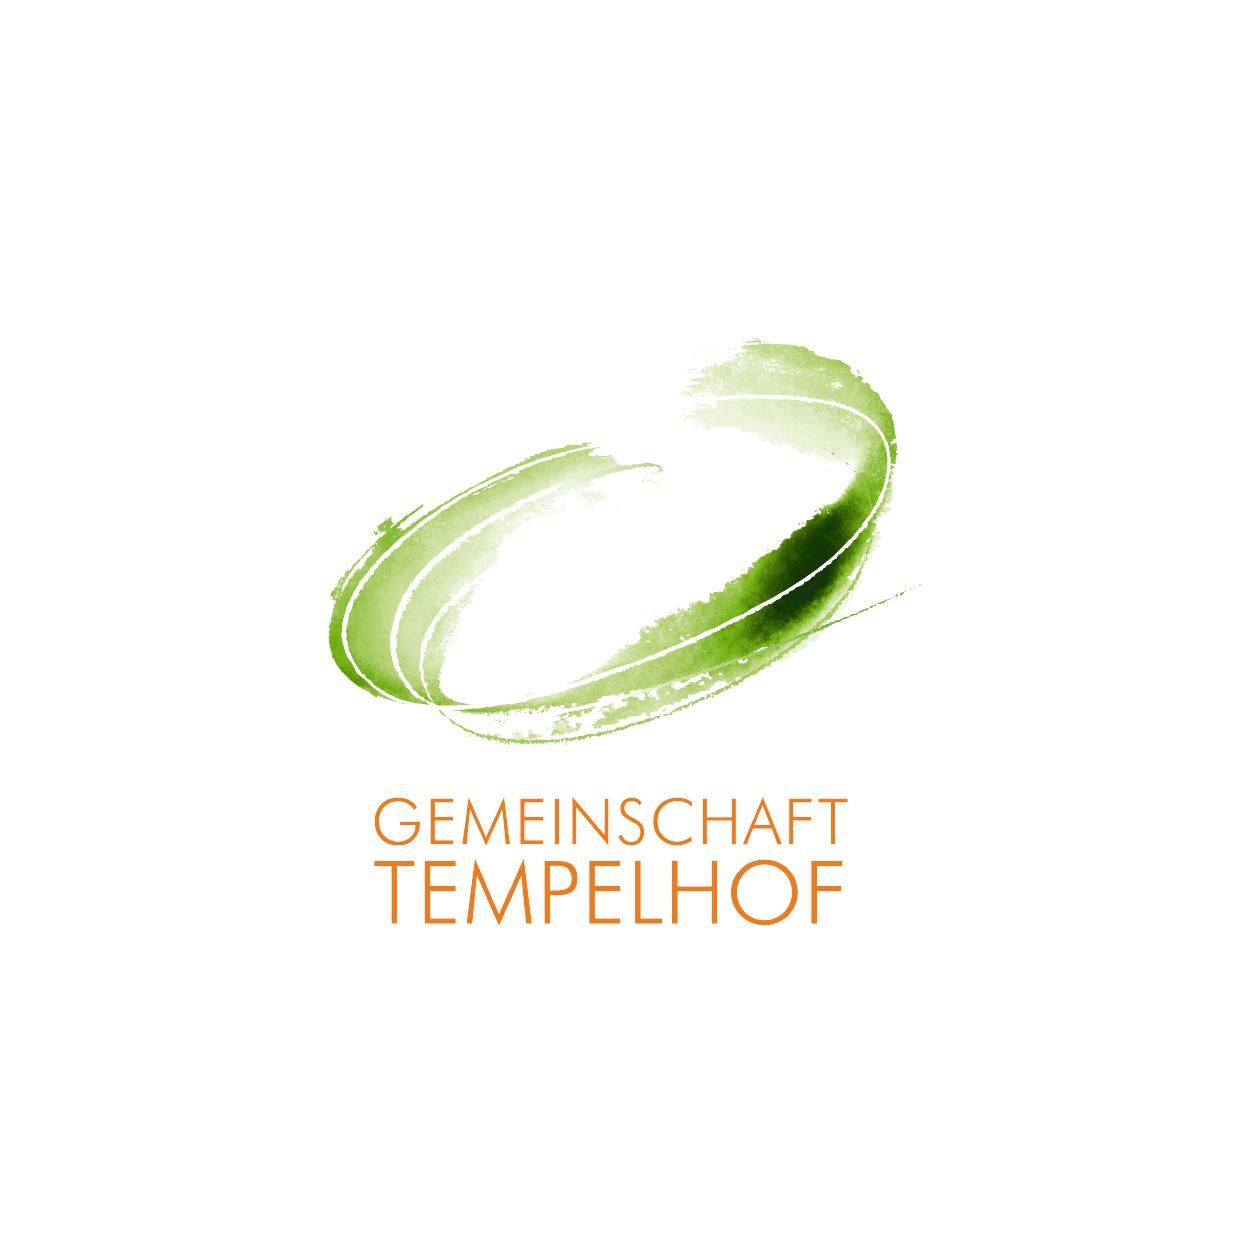 tempelhof-logo